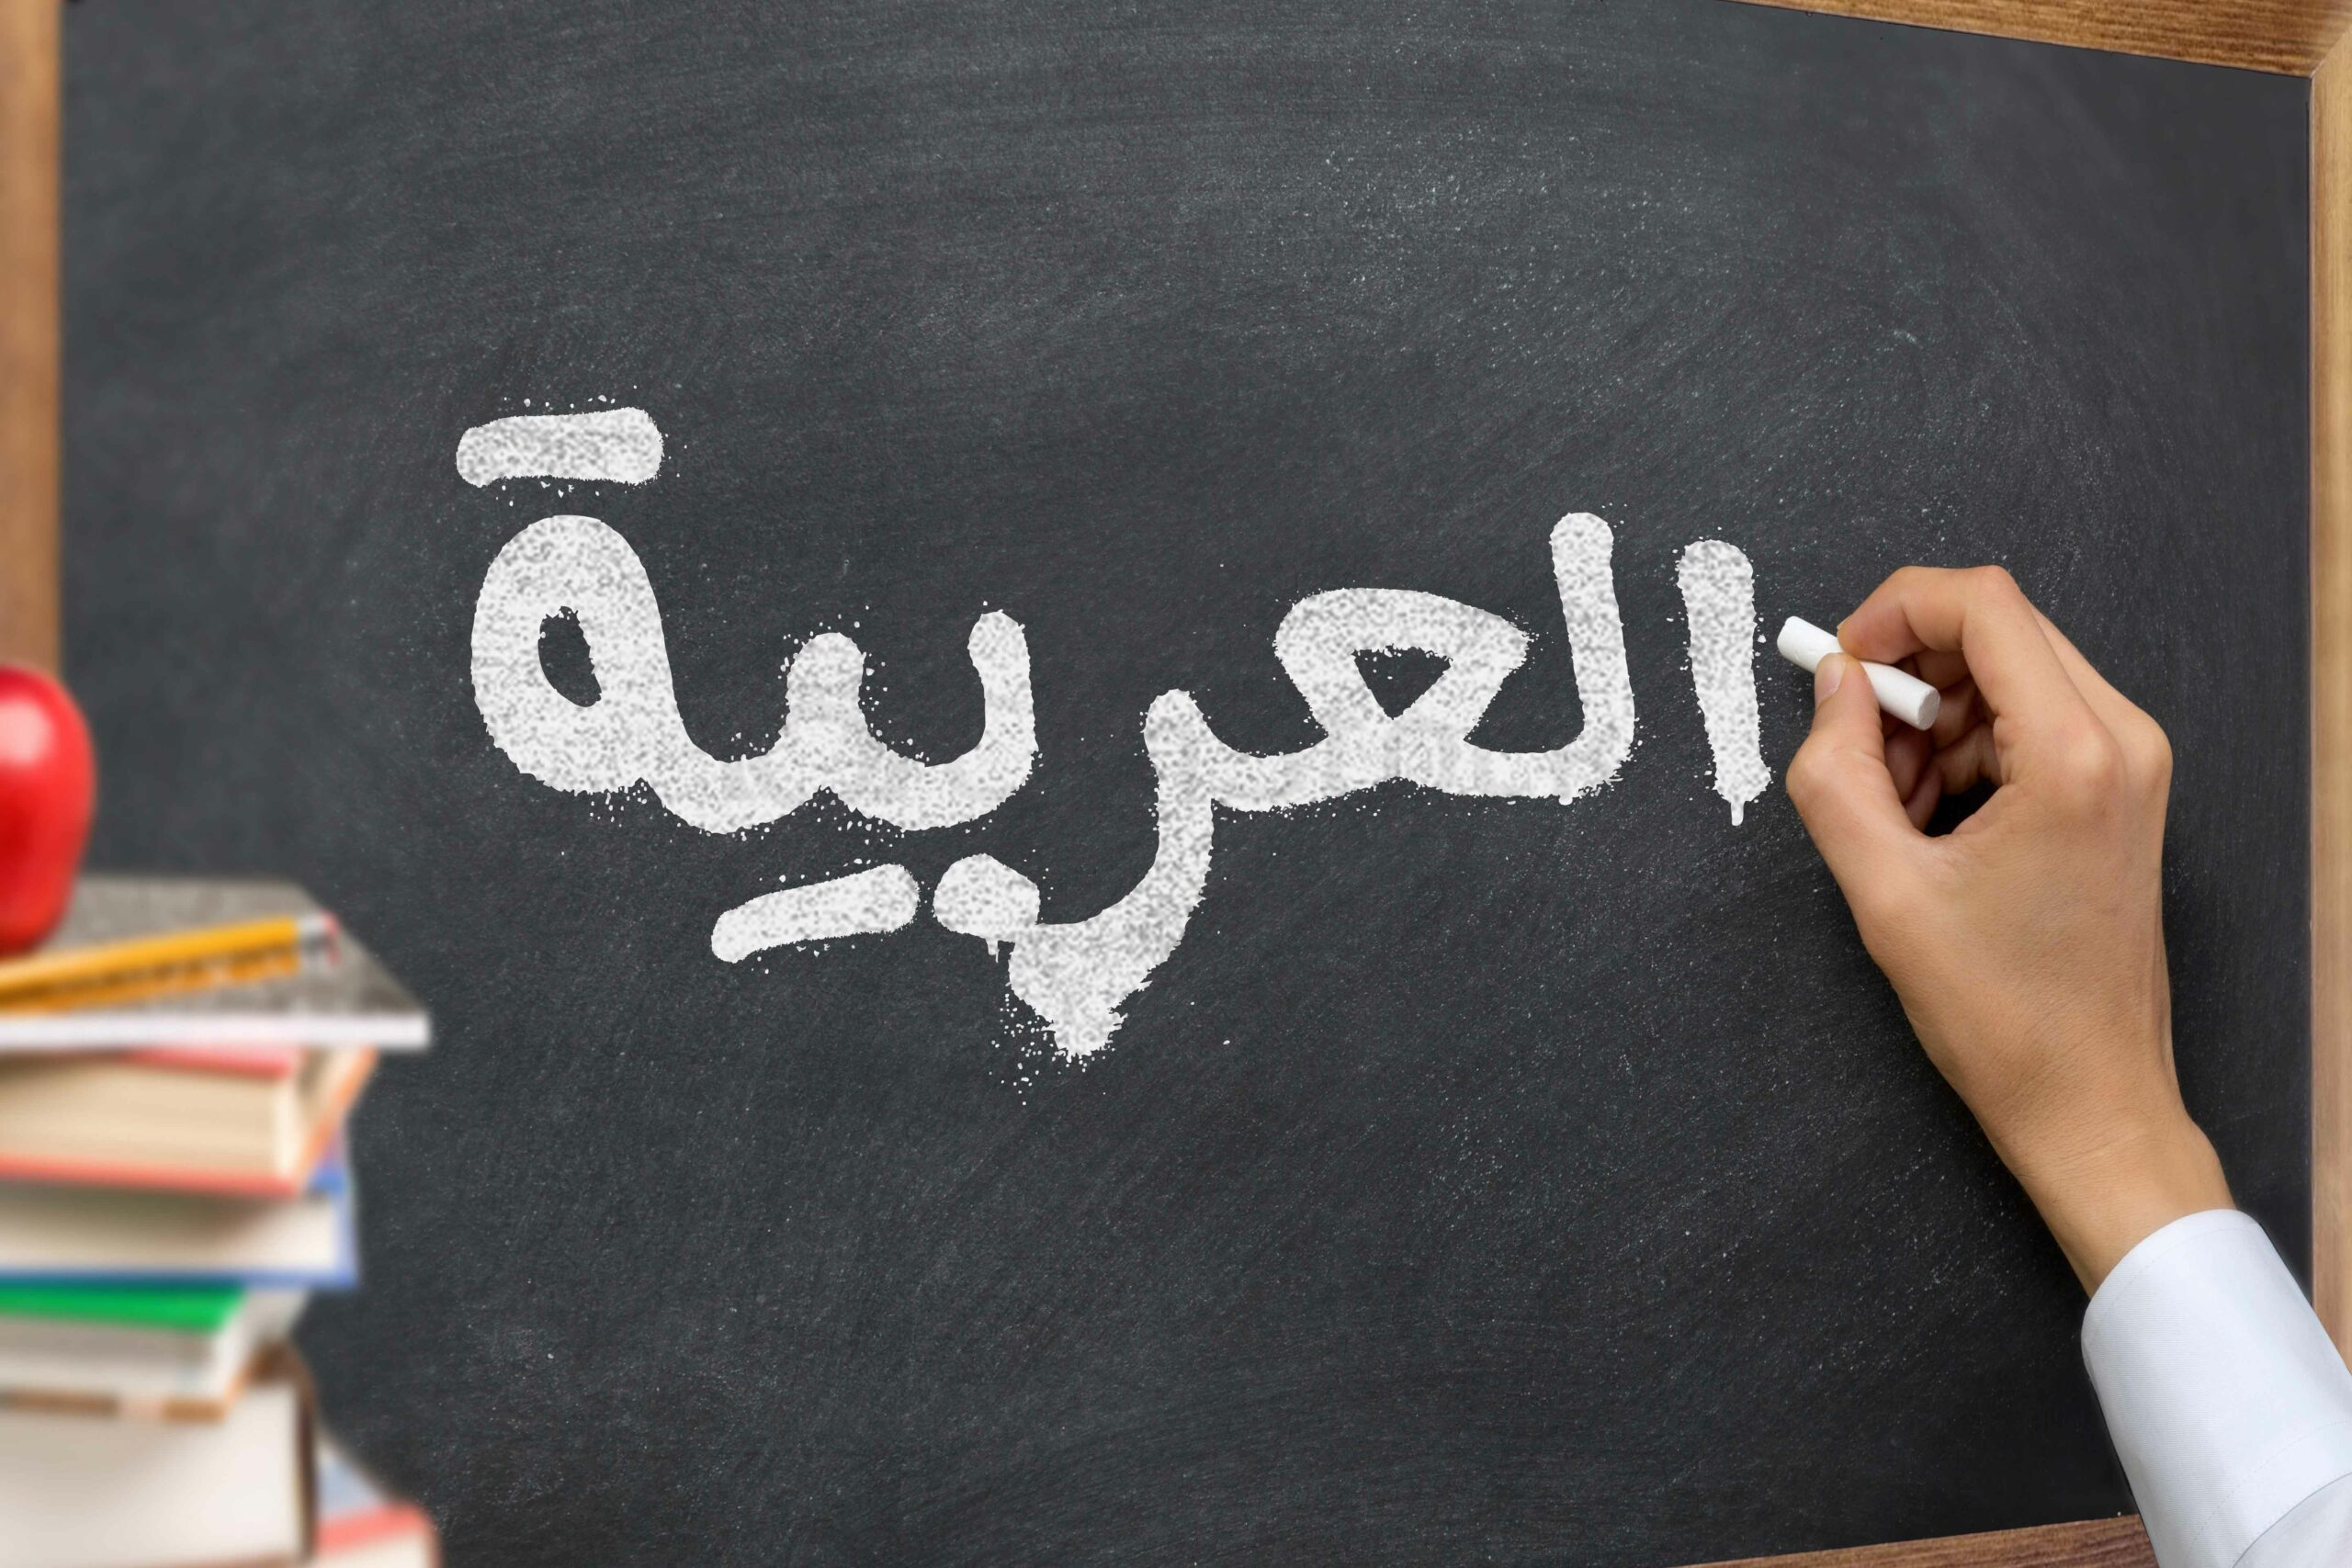 Apprendre l'arabe à Orléans: pas impossible, mais difficile!